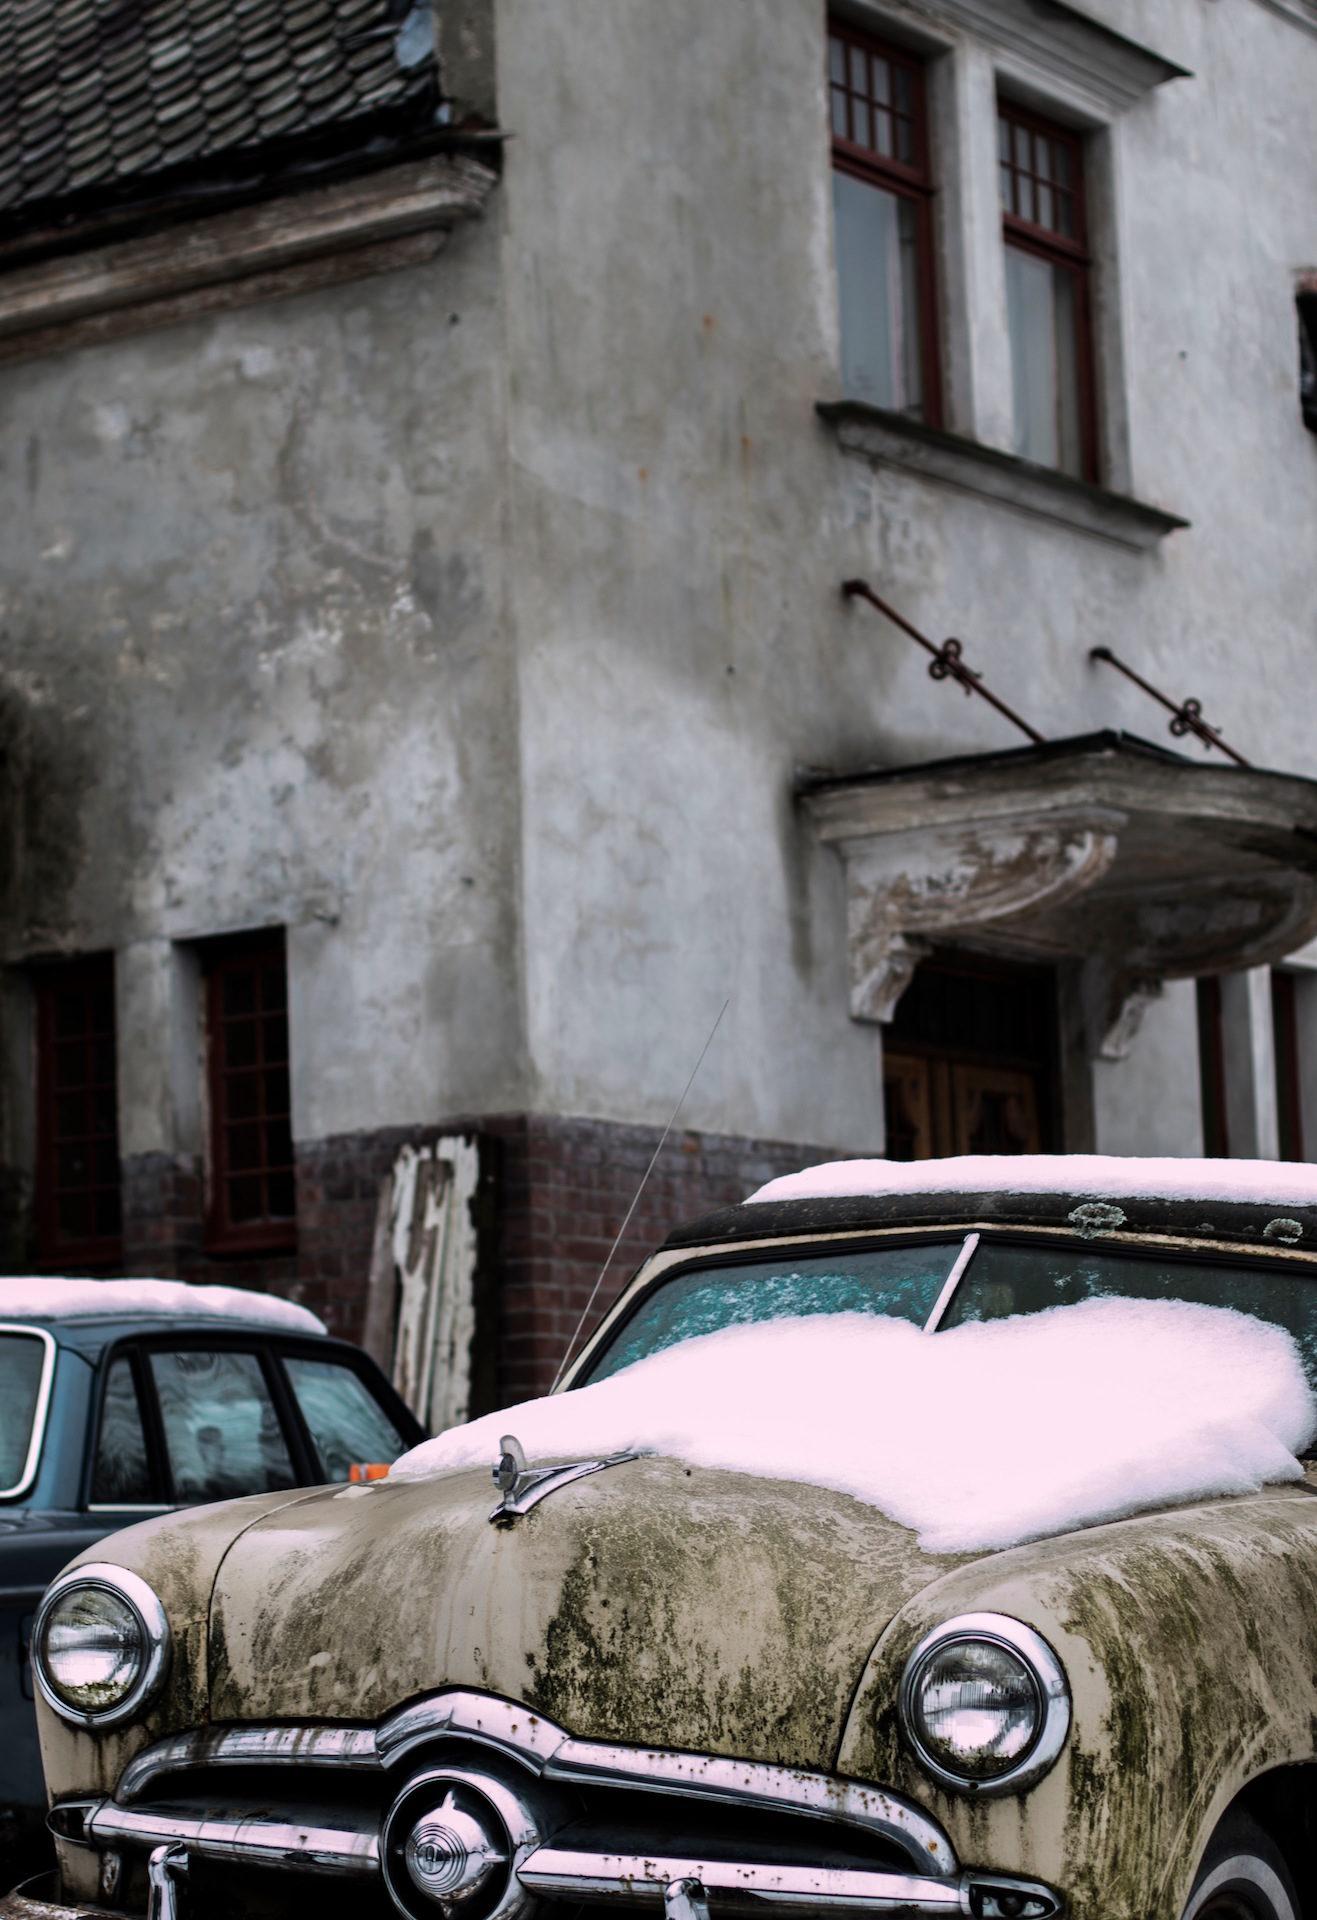 αυτοκίνητο, χιόνι, Σπίτι, παλιά, παλιάς χρονολογίας - Wallpapers HD - Professor-falken.com